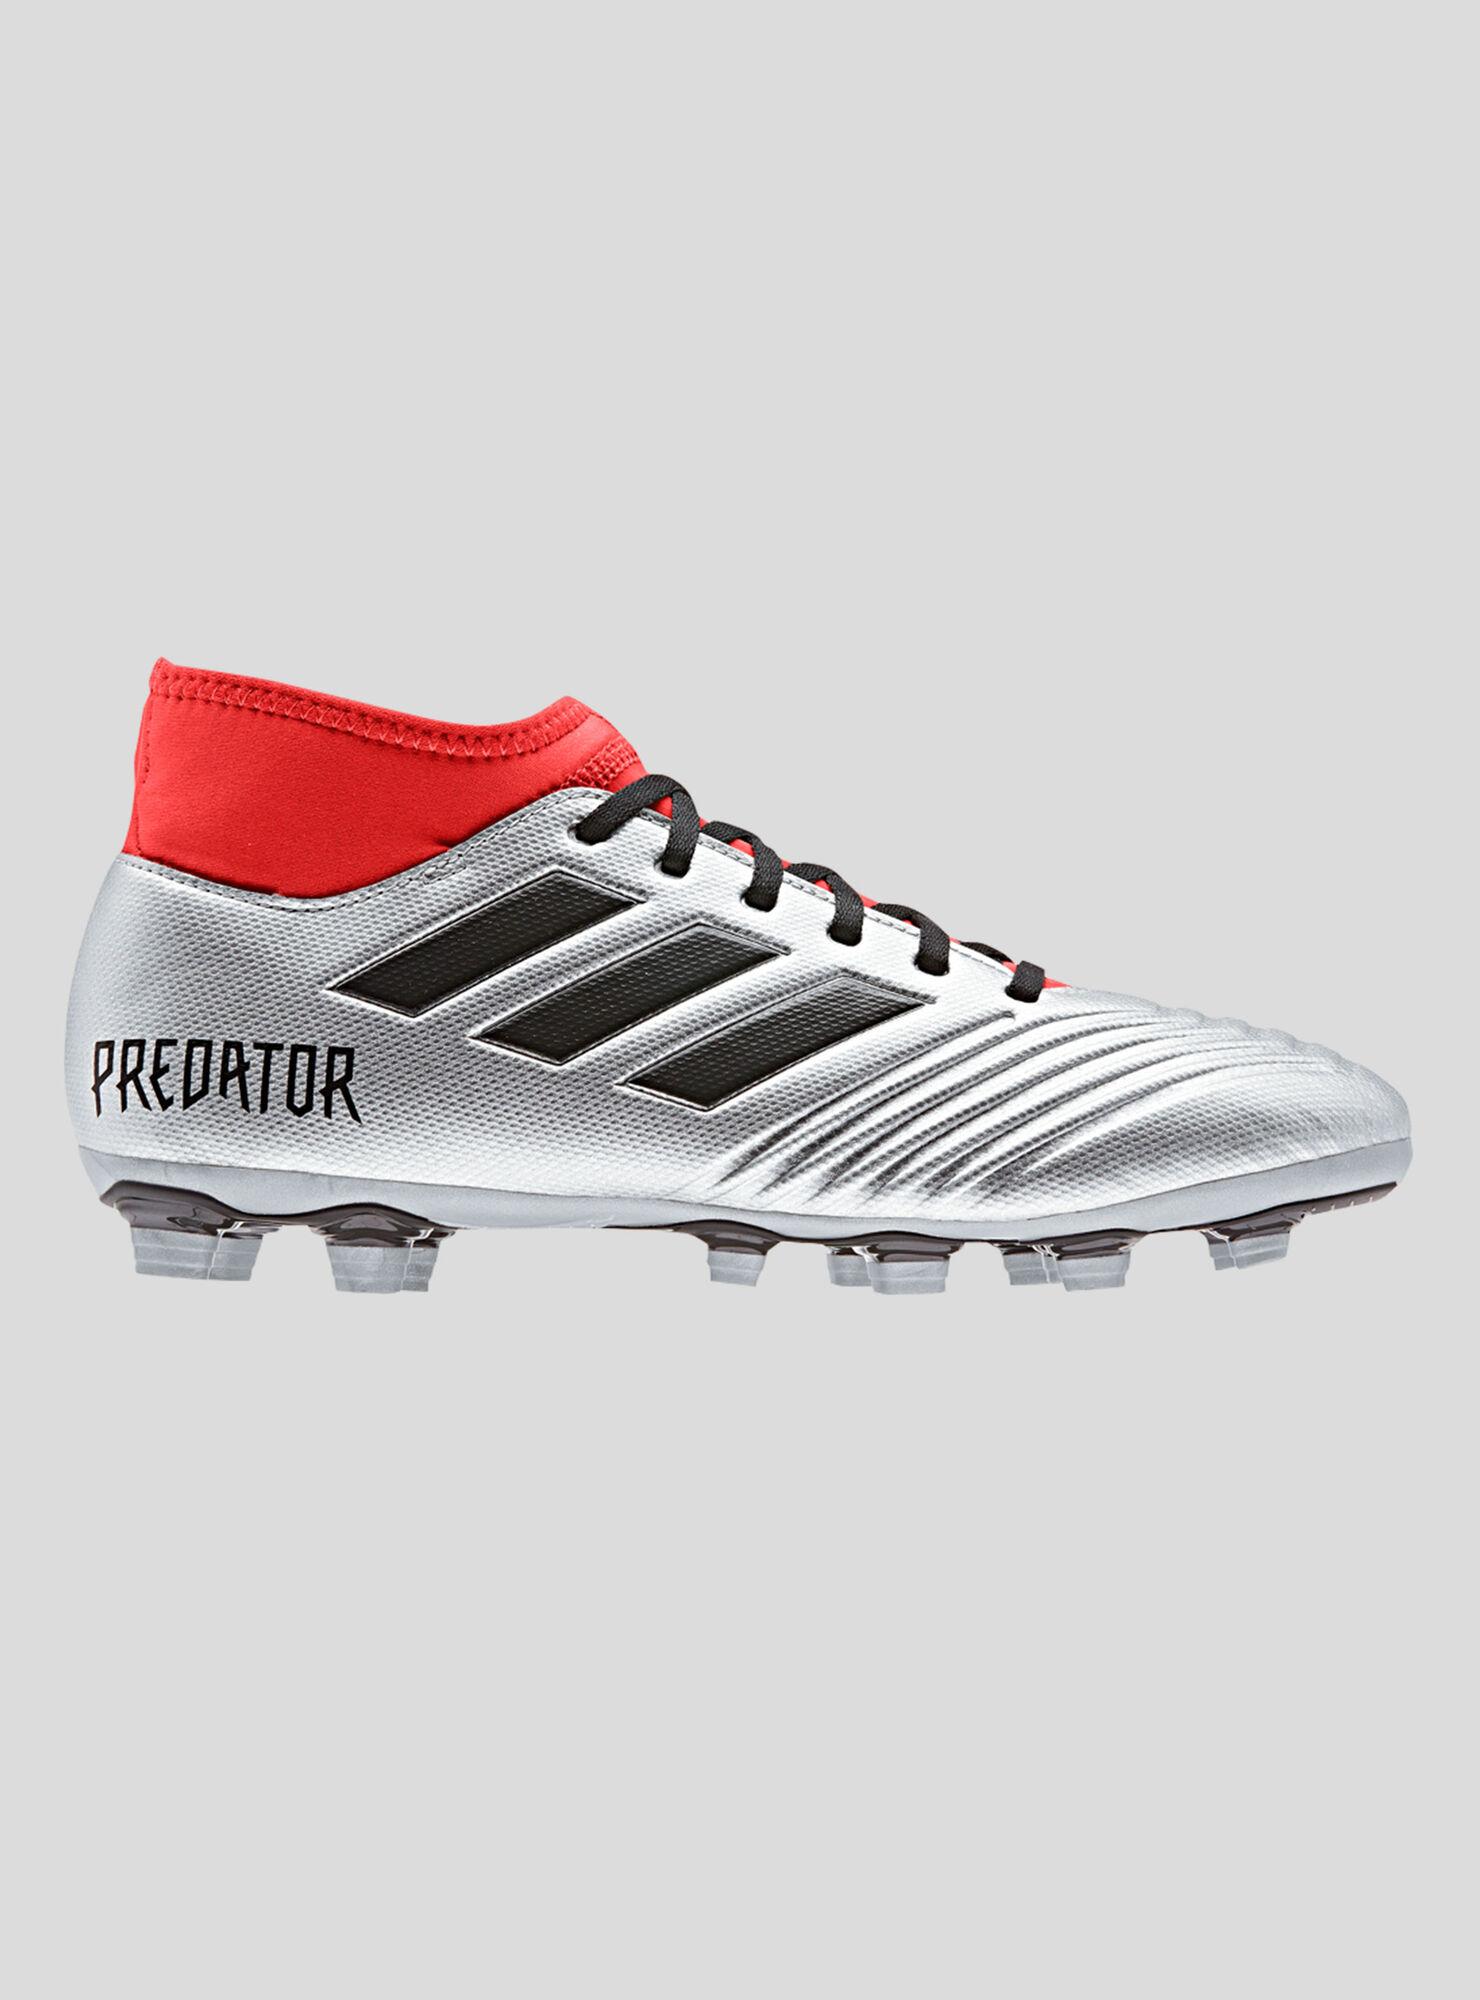 76fb13e03c6 Images. Zapatilla Adidas Fútbol Predator 19.4 S Flexible Ground Hombre ...